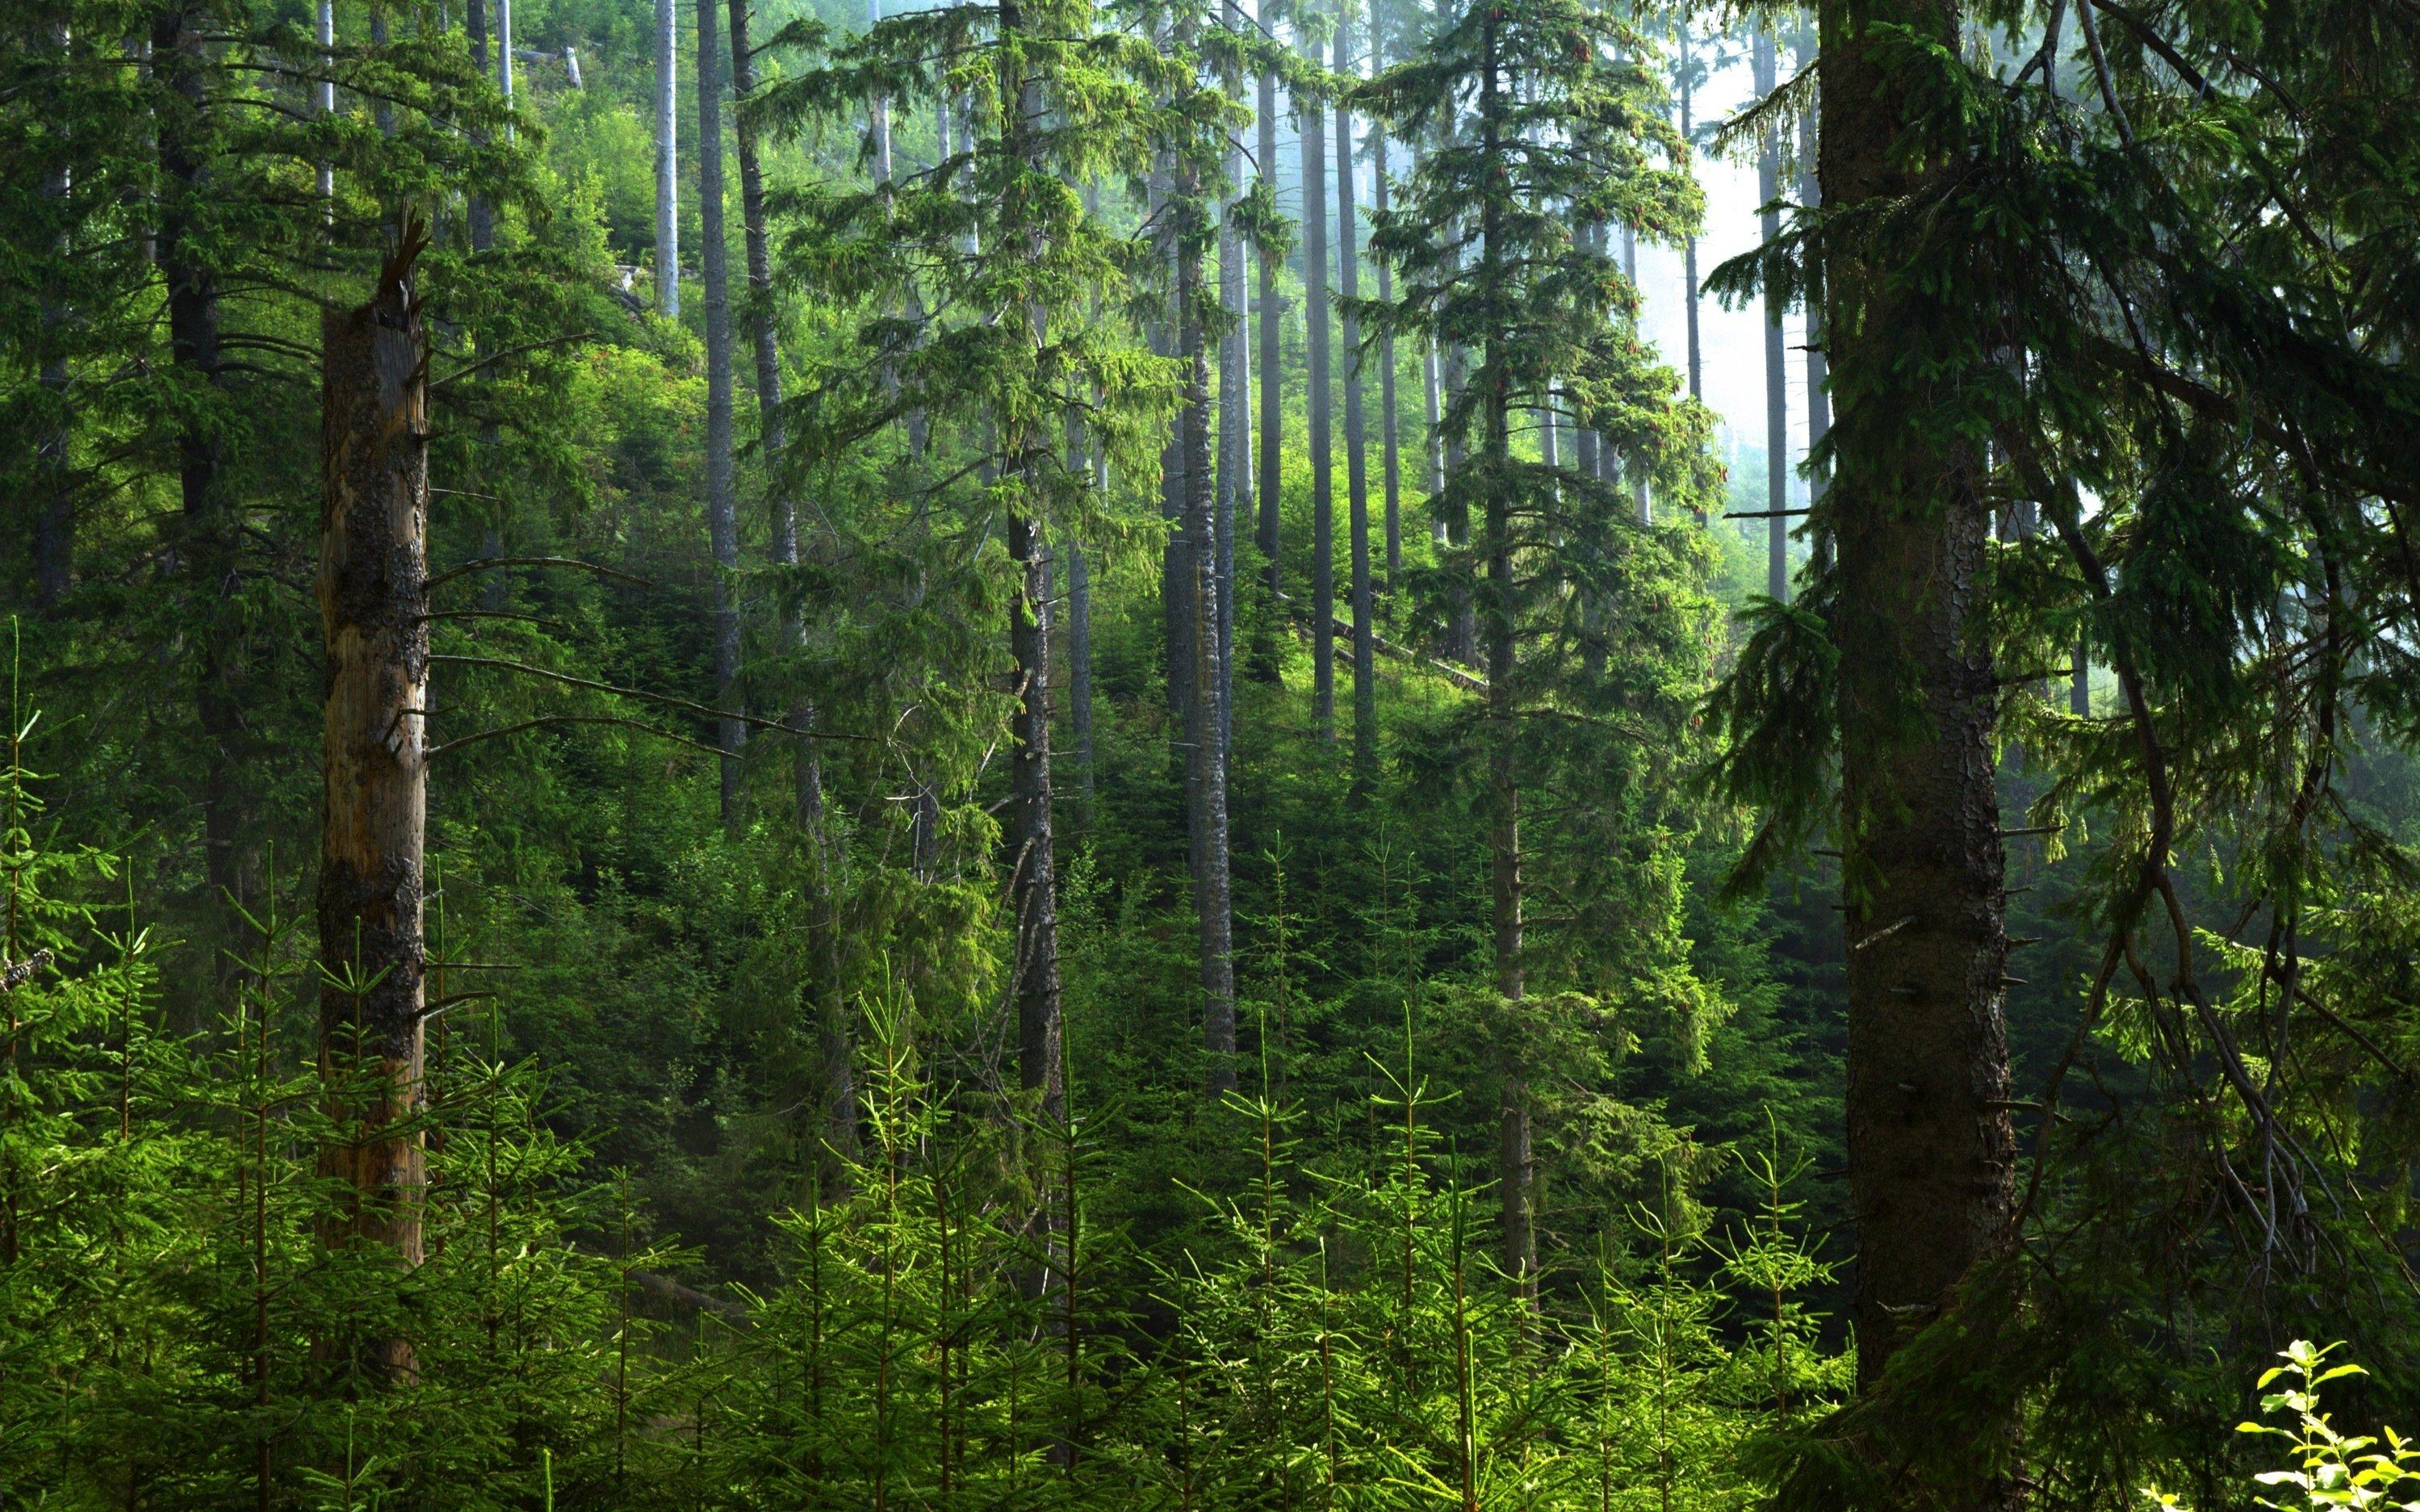 Aufnahme aus einem Nadelwald mit teils hohen Bäumen.